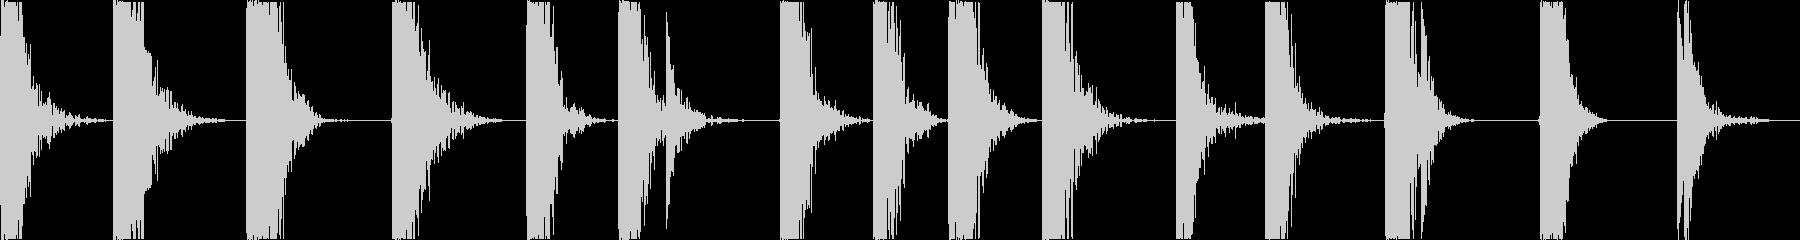 ハードメタルガードインパクト、クイ...の未再生の波形